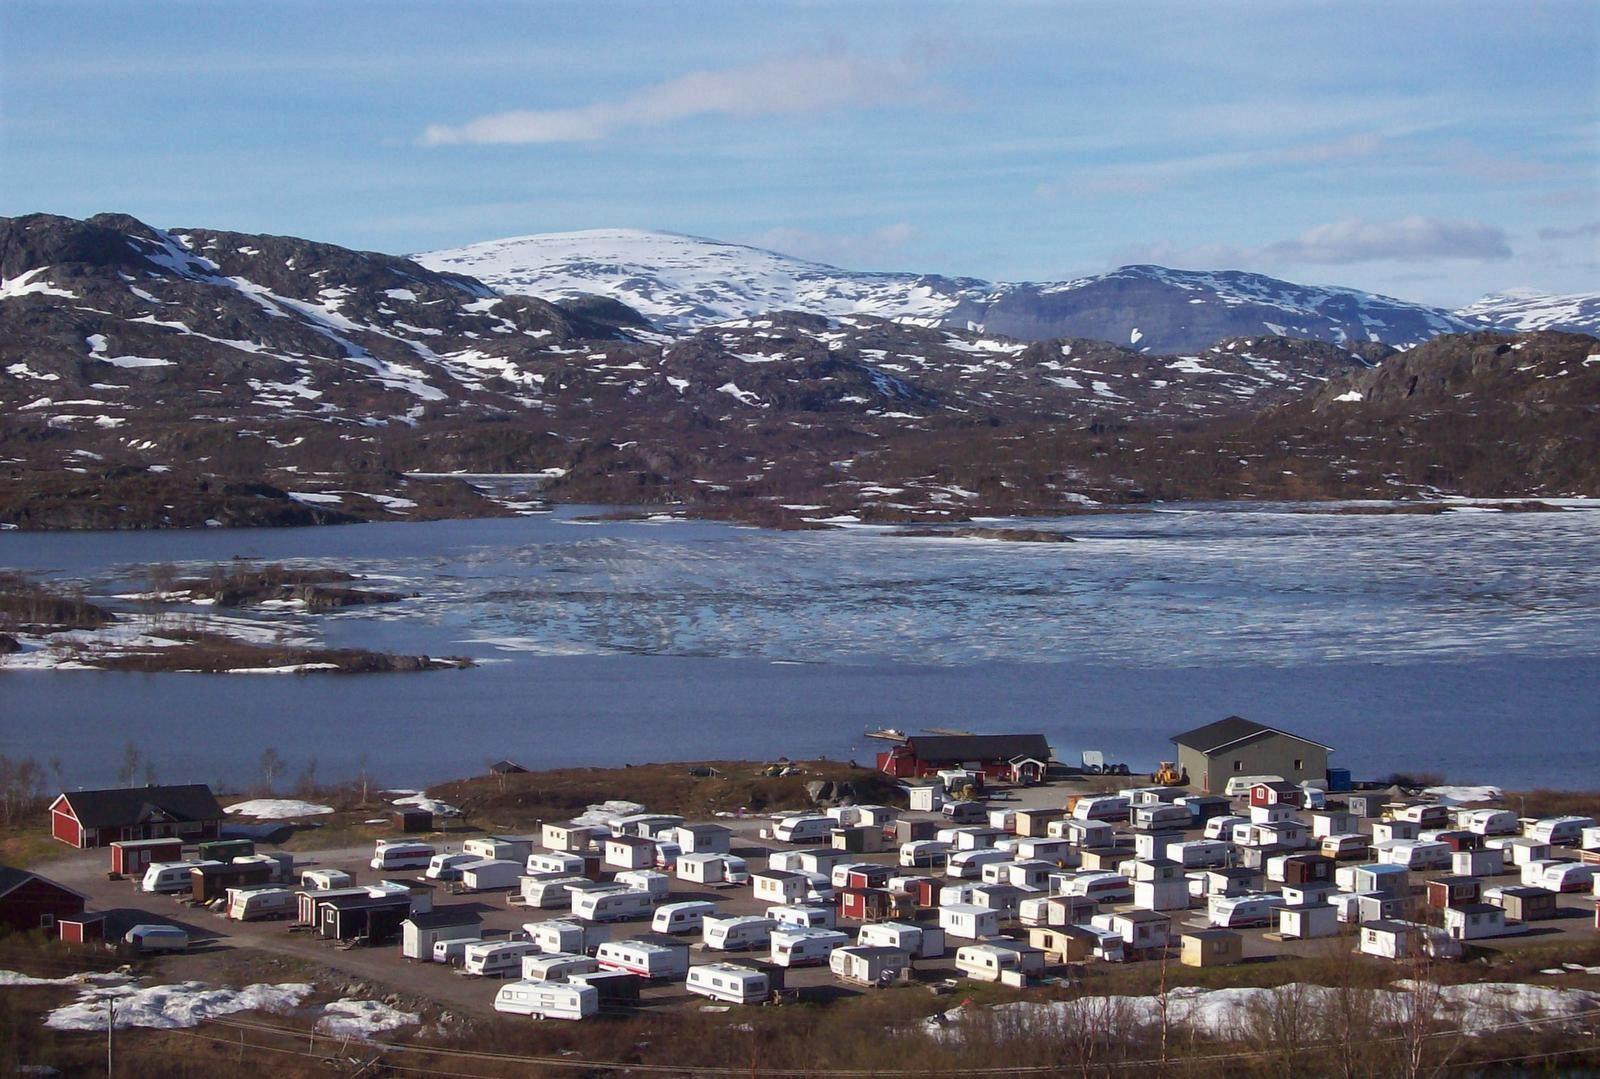 Riksgränsen am Gletschersee Vassijaure - Lappland